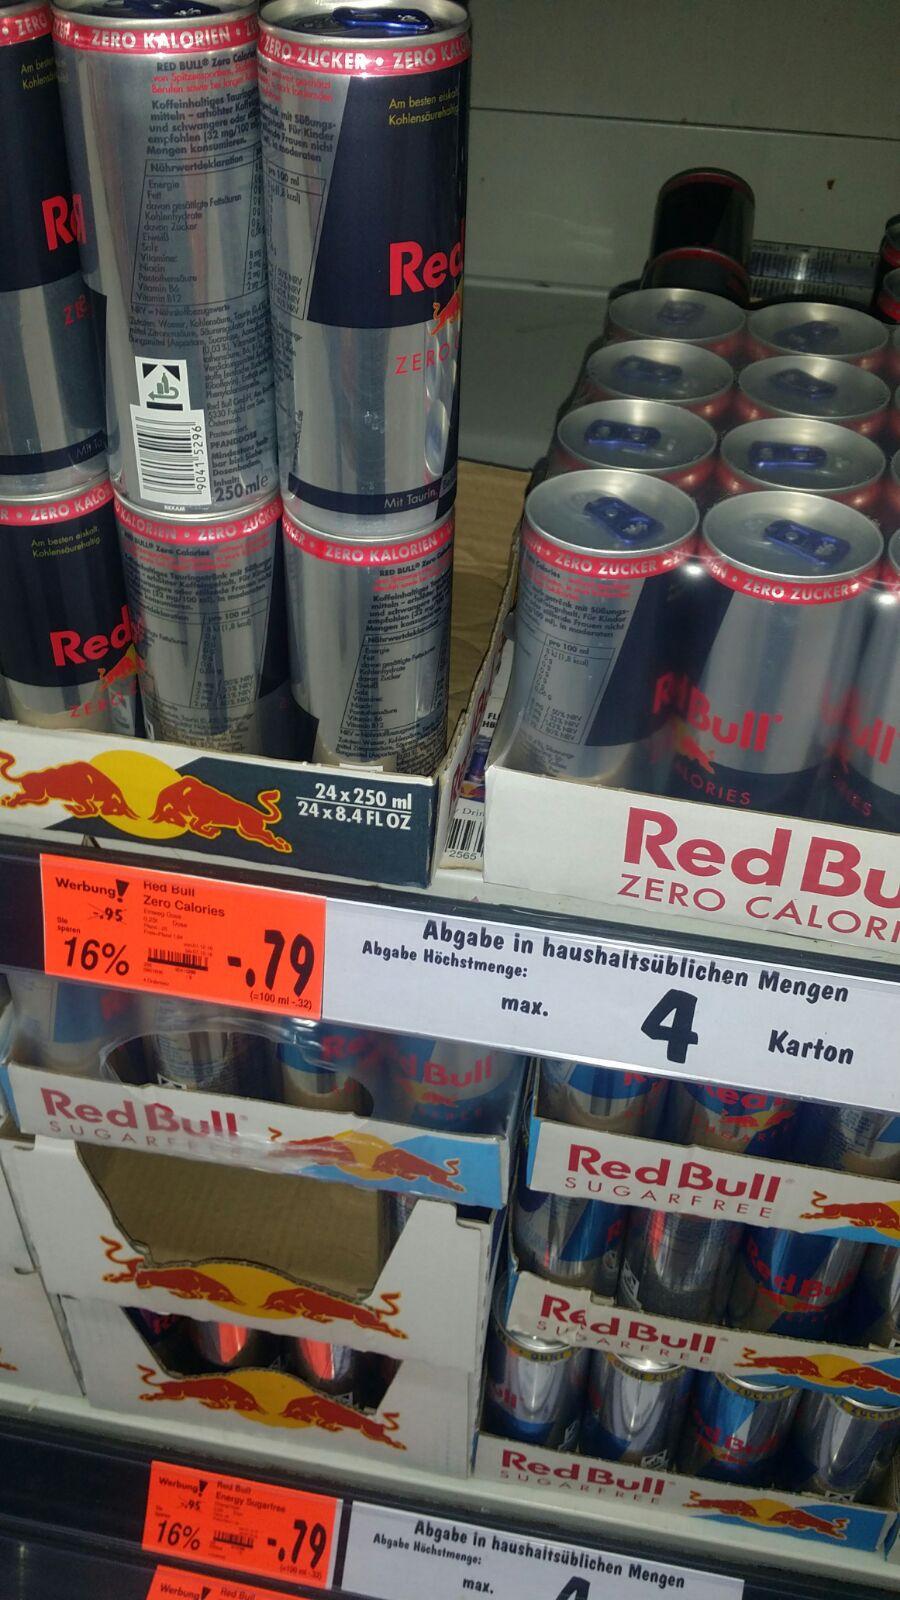 Red Bull alle Sorten für 79 Cent - Kaufland Dossenheim!